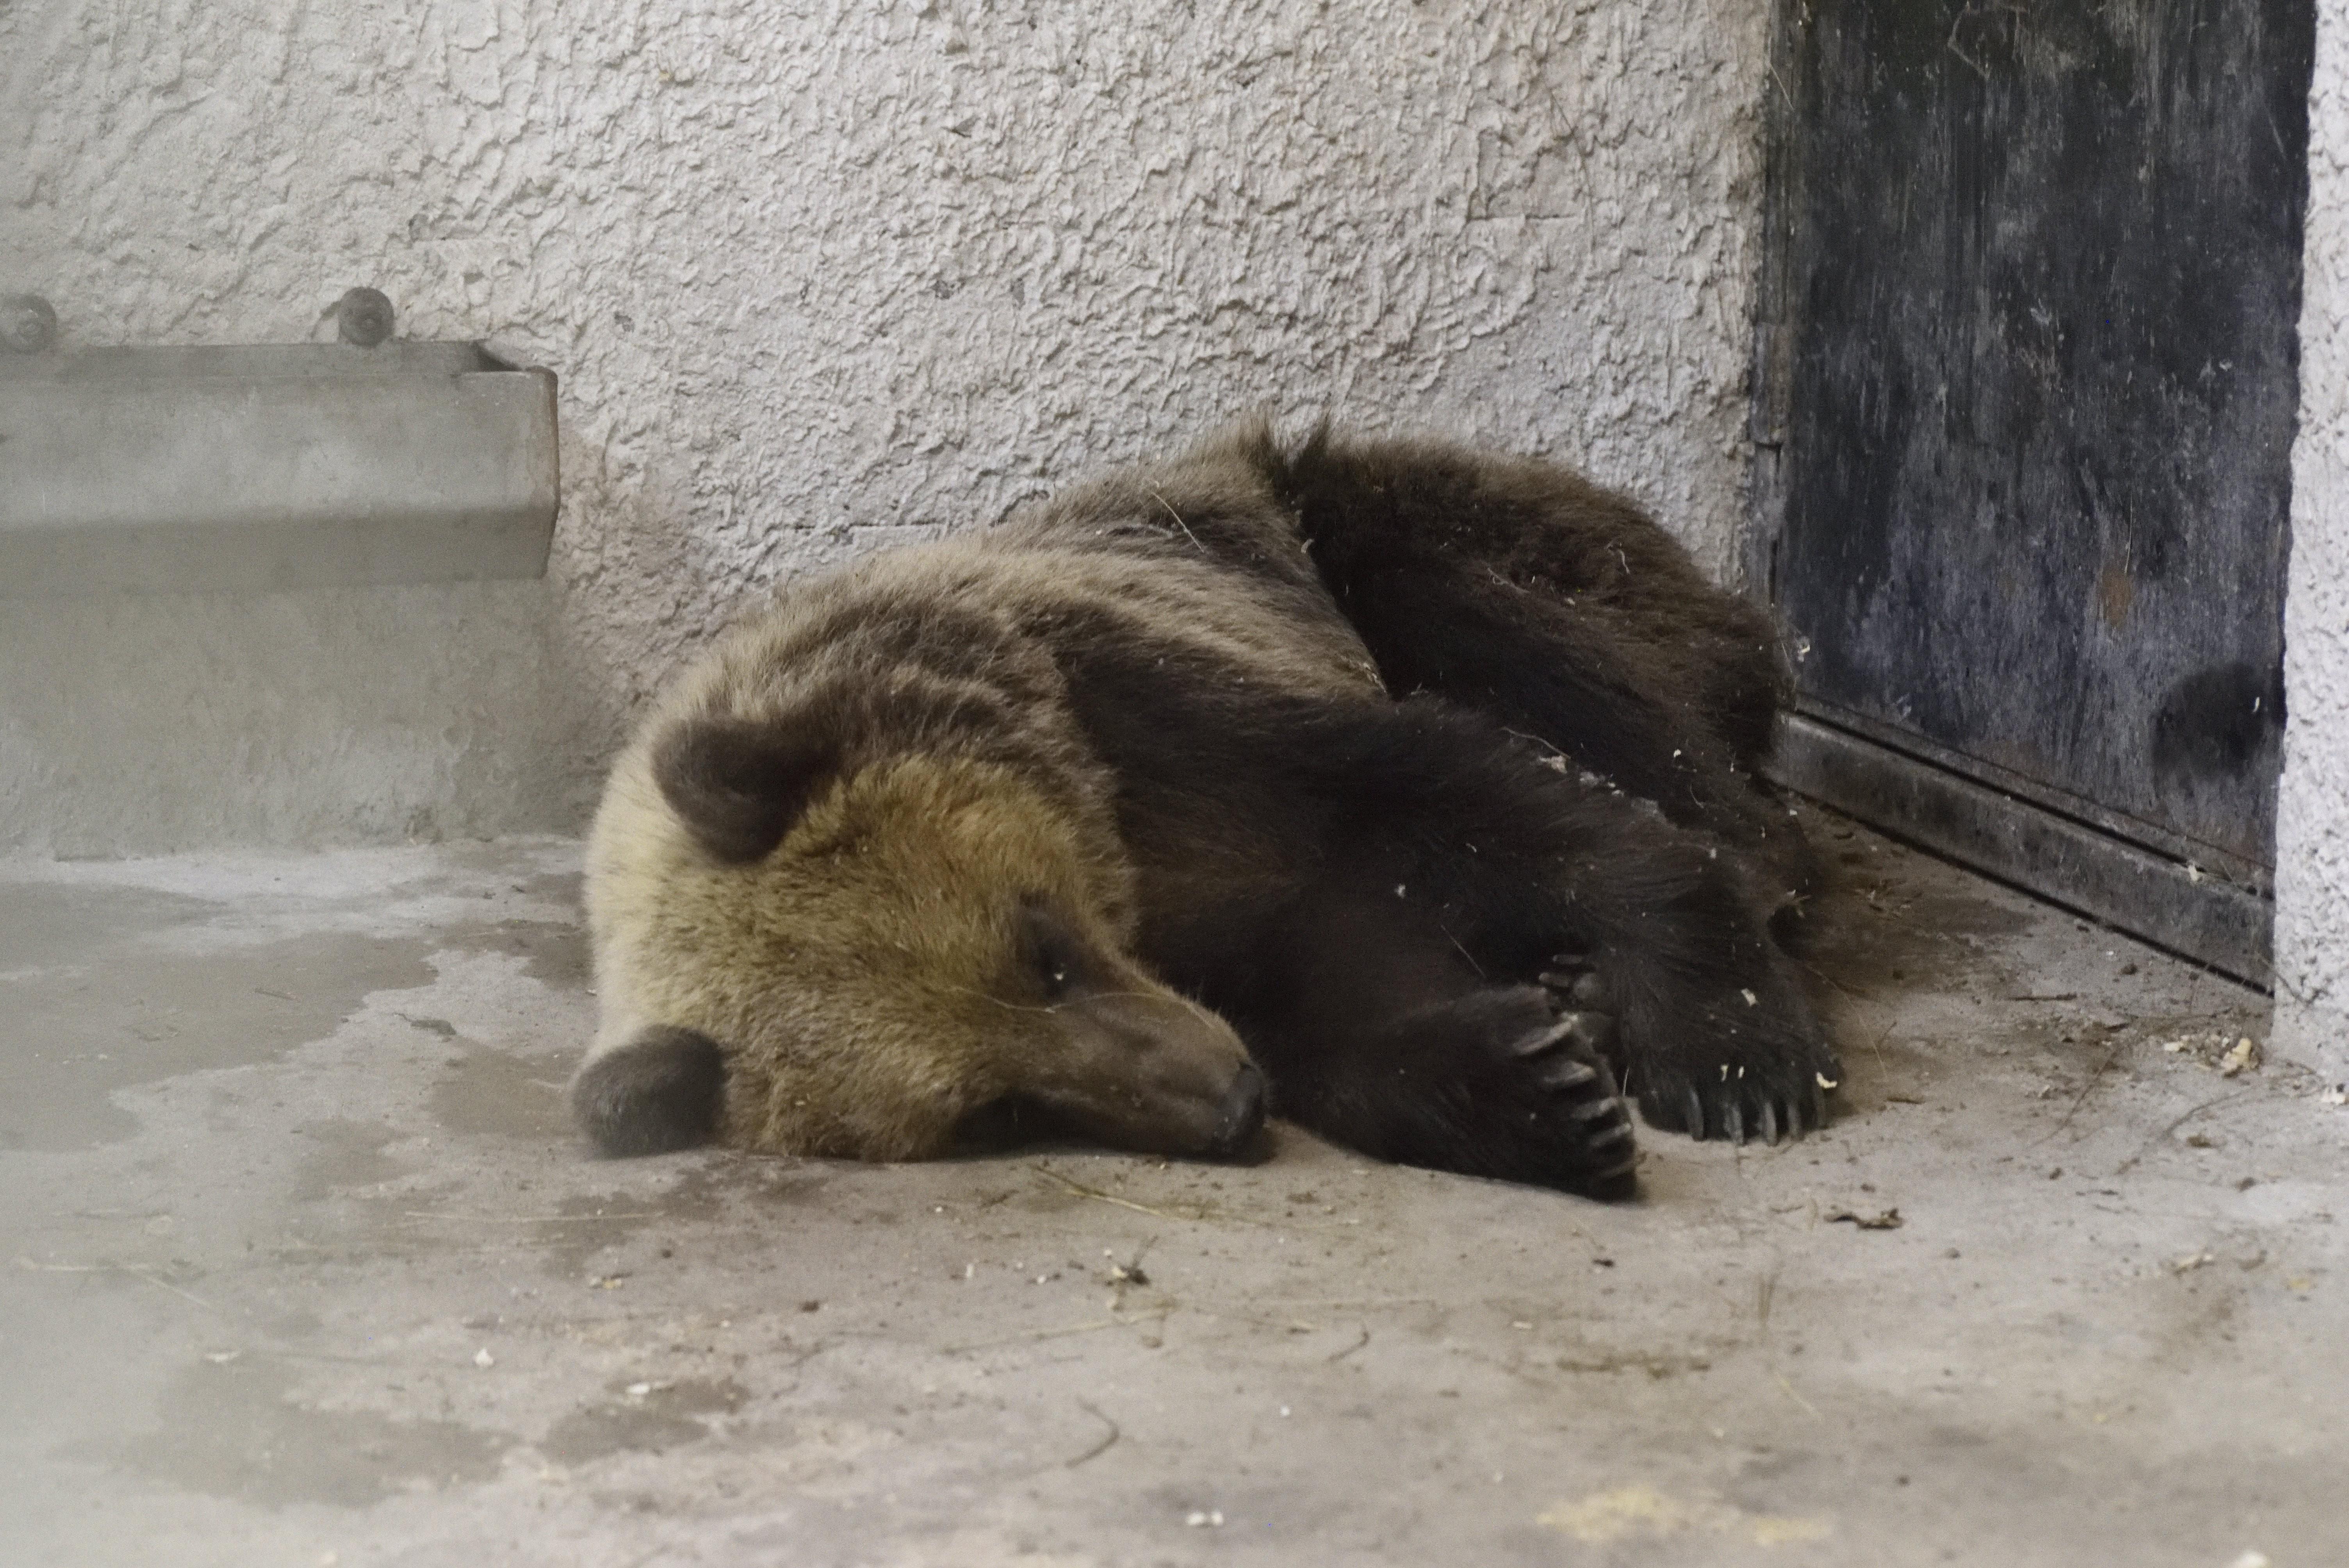 Friss fotók a befogott medvéről